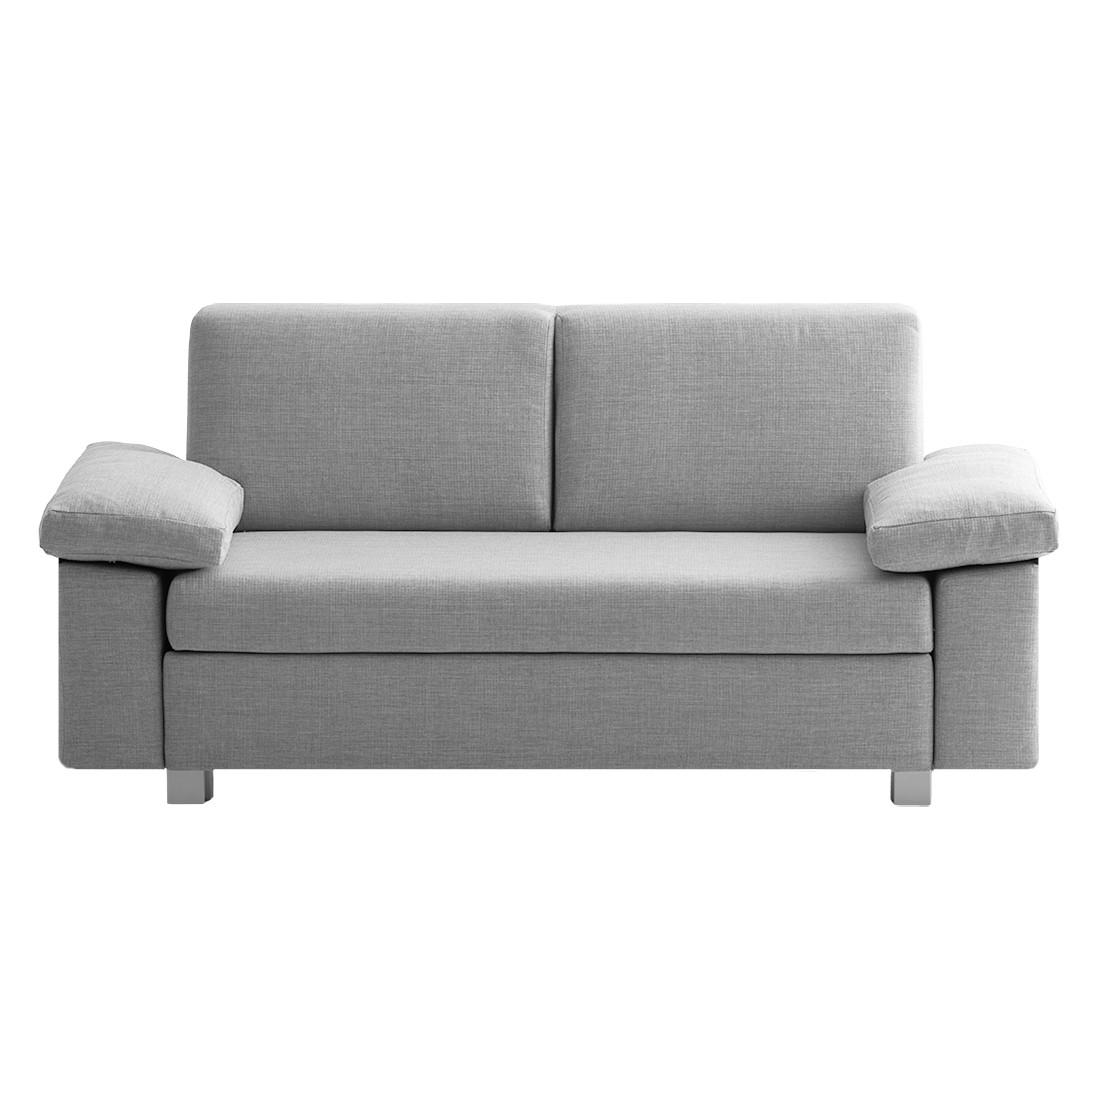 schlafsofa plaza webstoff hellgrau 192 ma e breite 192 cm h he 78 cm. Black Bedroom Furniture Sets. Home Design Ideas